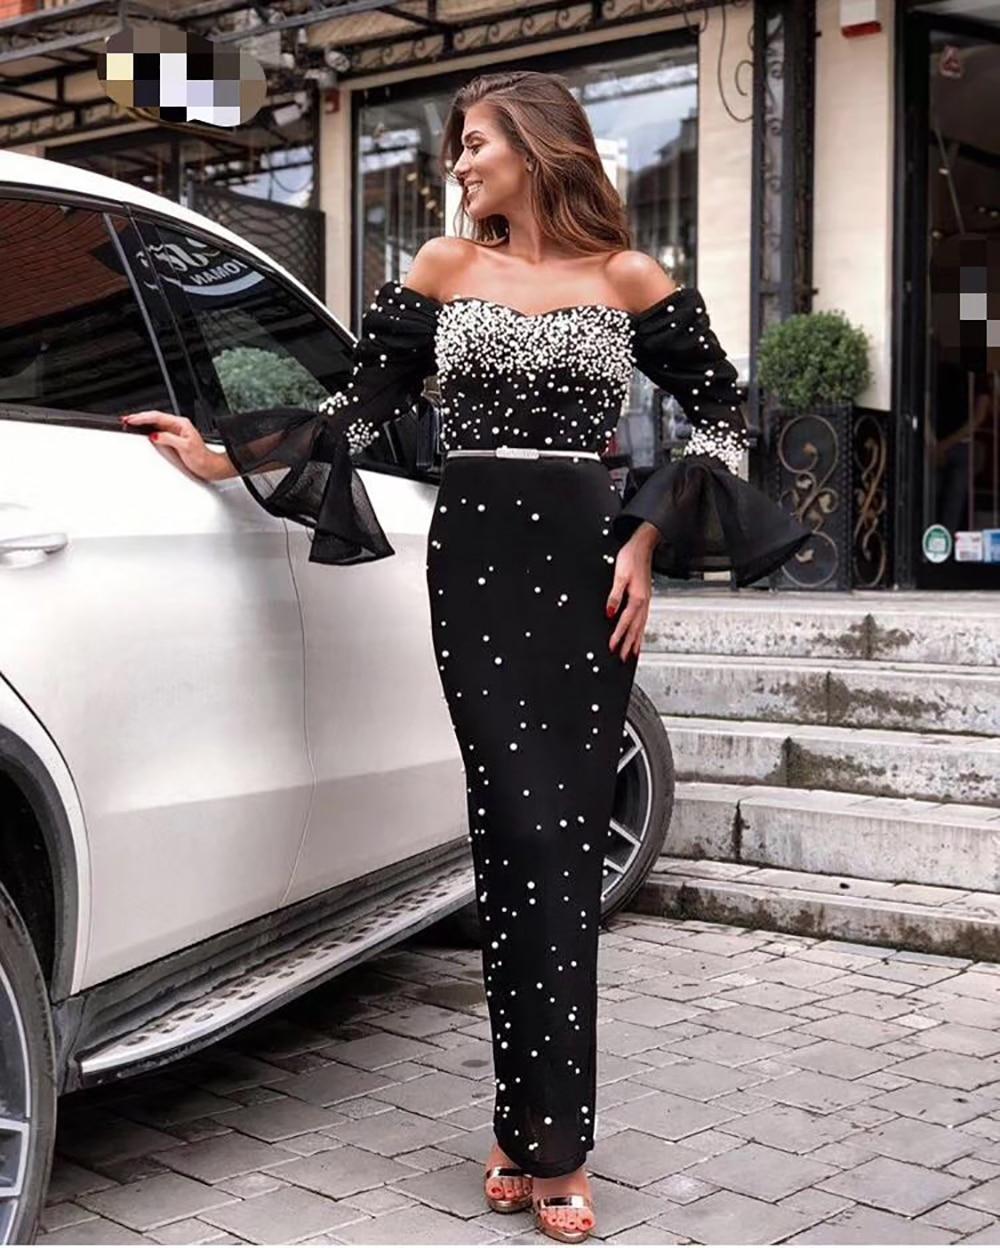 c740f5281d91 Elegante Della Del Celebrità Spalla Vestiti Club Nero Aderente Largo Modo  Lunghi Vestito Sexy Il Sera ...